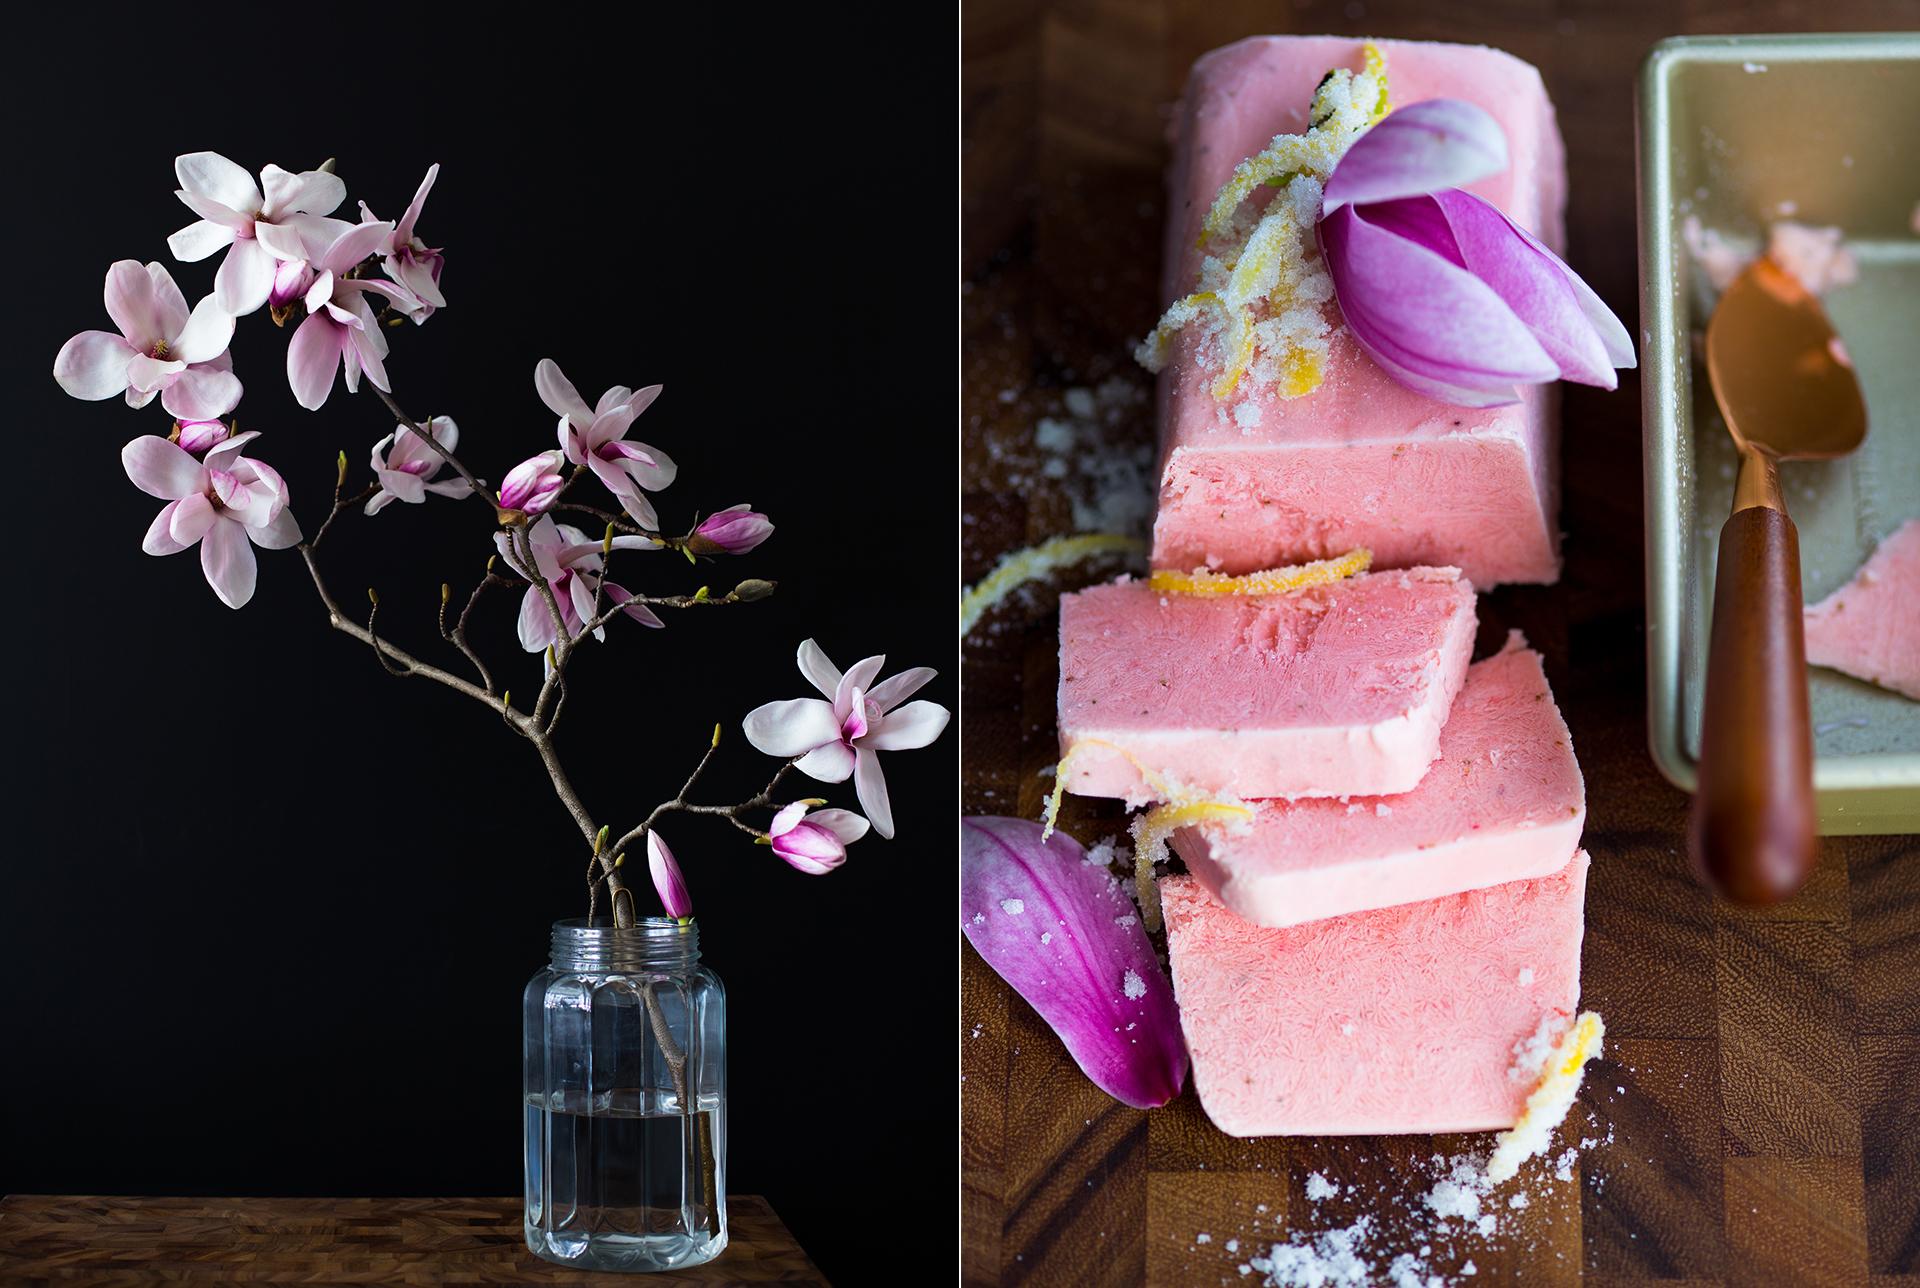 Zweig eines Magnolienbaumes in einer Vase. Himbeersorbet aus einer Kastenform mit gezuckerten Zitronenzesten und Magnolienblaetter